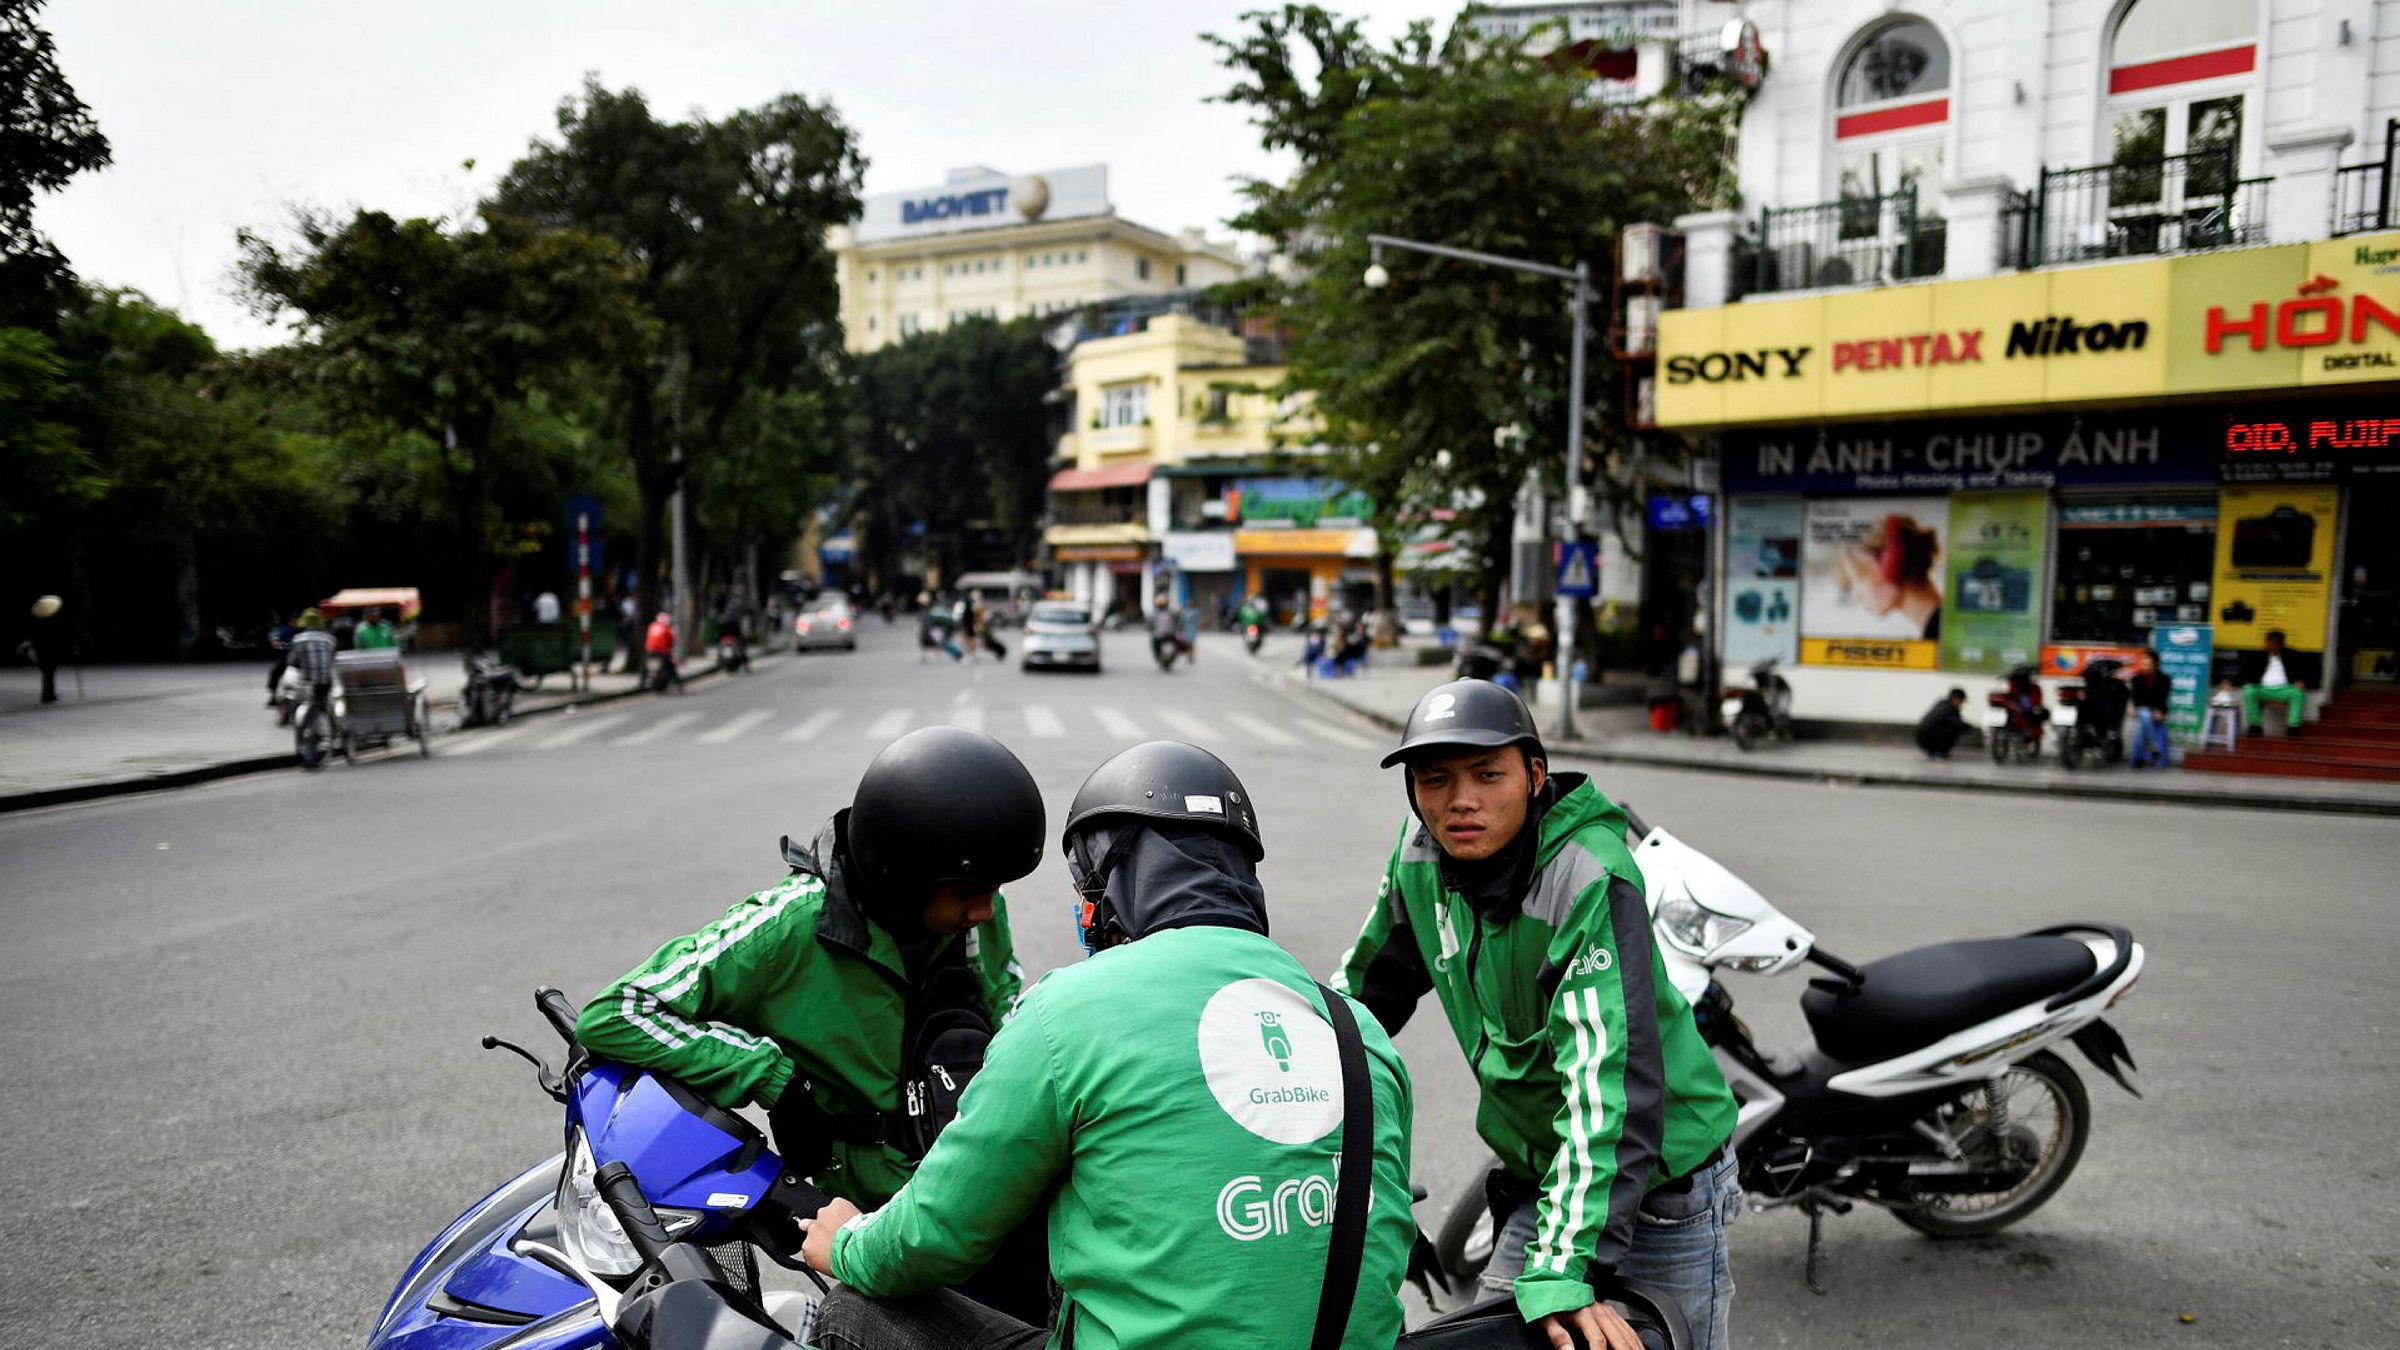 Det sørøstasiatiske selskapet Grab har utviklet et økosystem for logistikk, transport og betalingsløsninger. Med et par sveip kan brukere bestille mat fra topprestauranter eller på gaten, eller taxi. Selskapet er verdt over ti milliarder dollar.